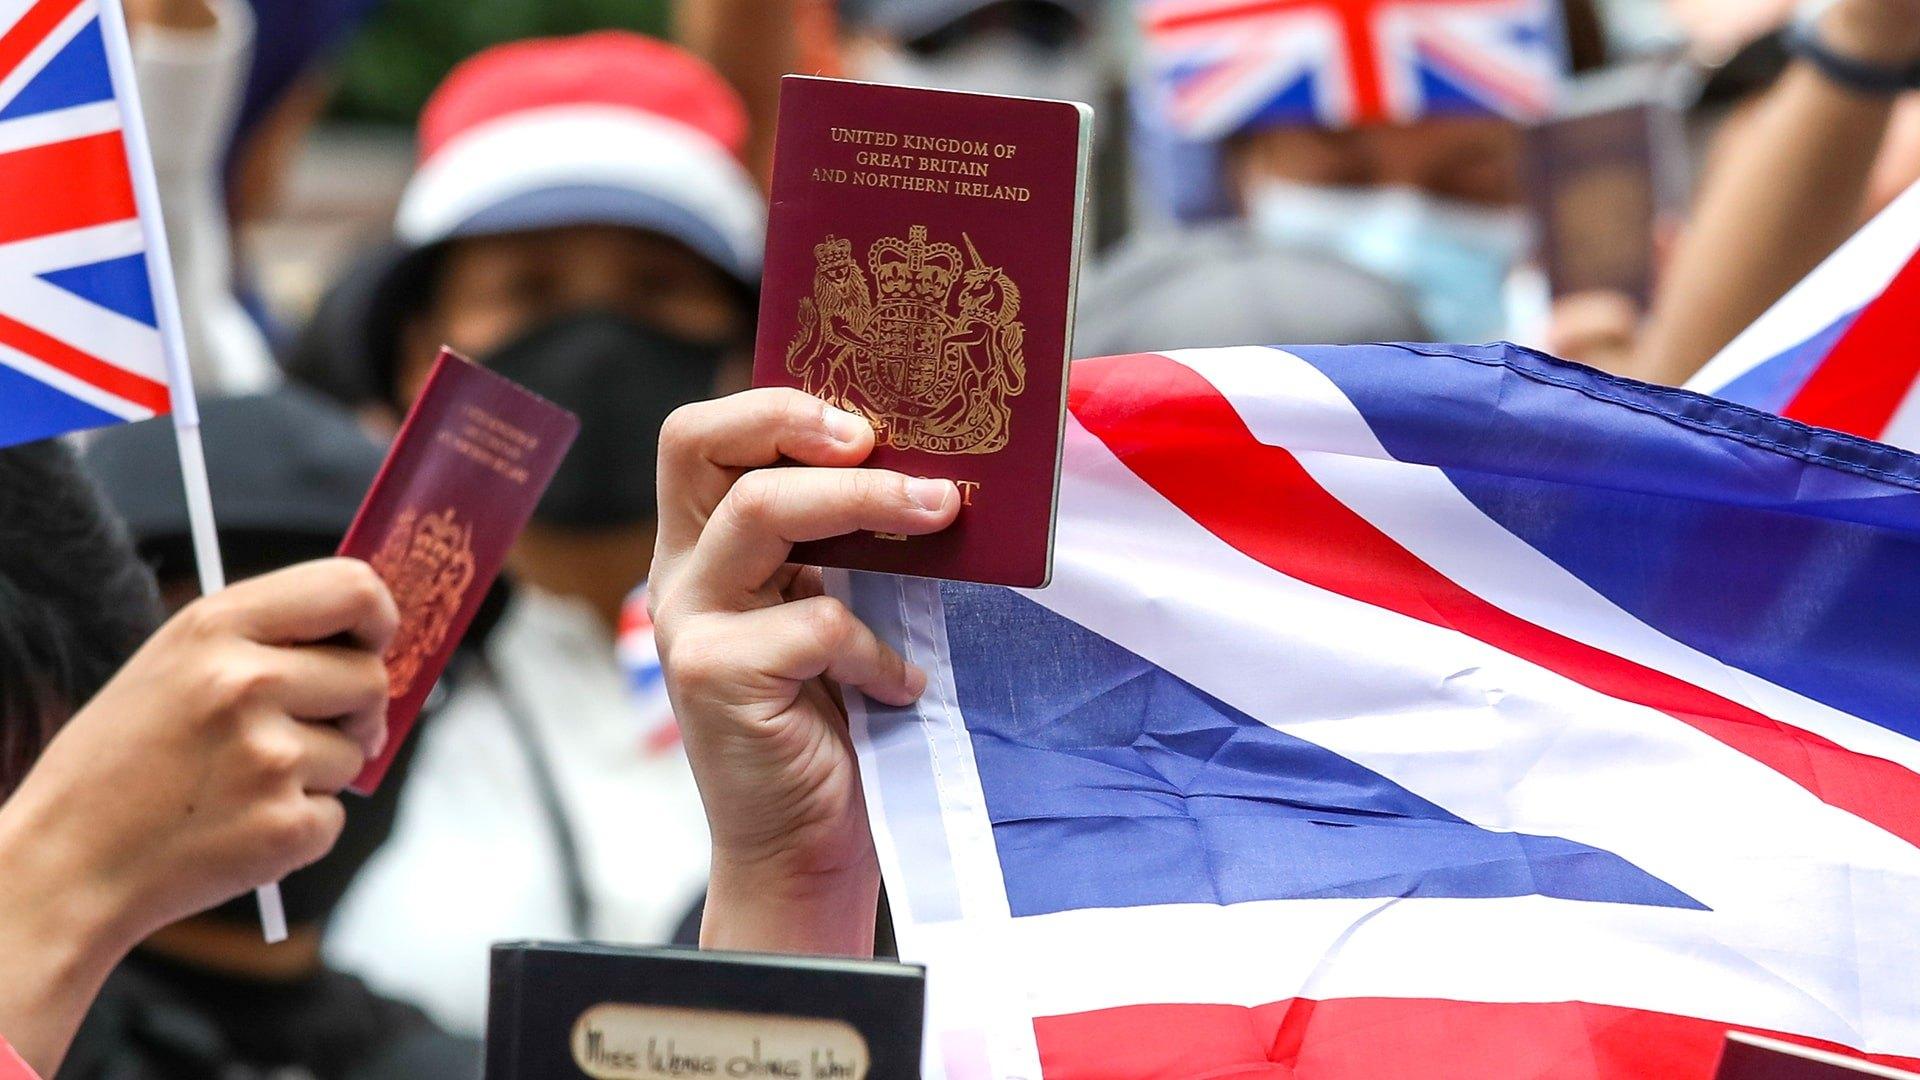 آخرین تغییرات در سیستم مهاجرت انگلستان2020